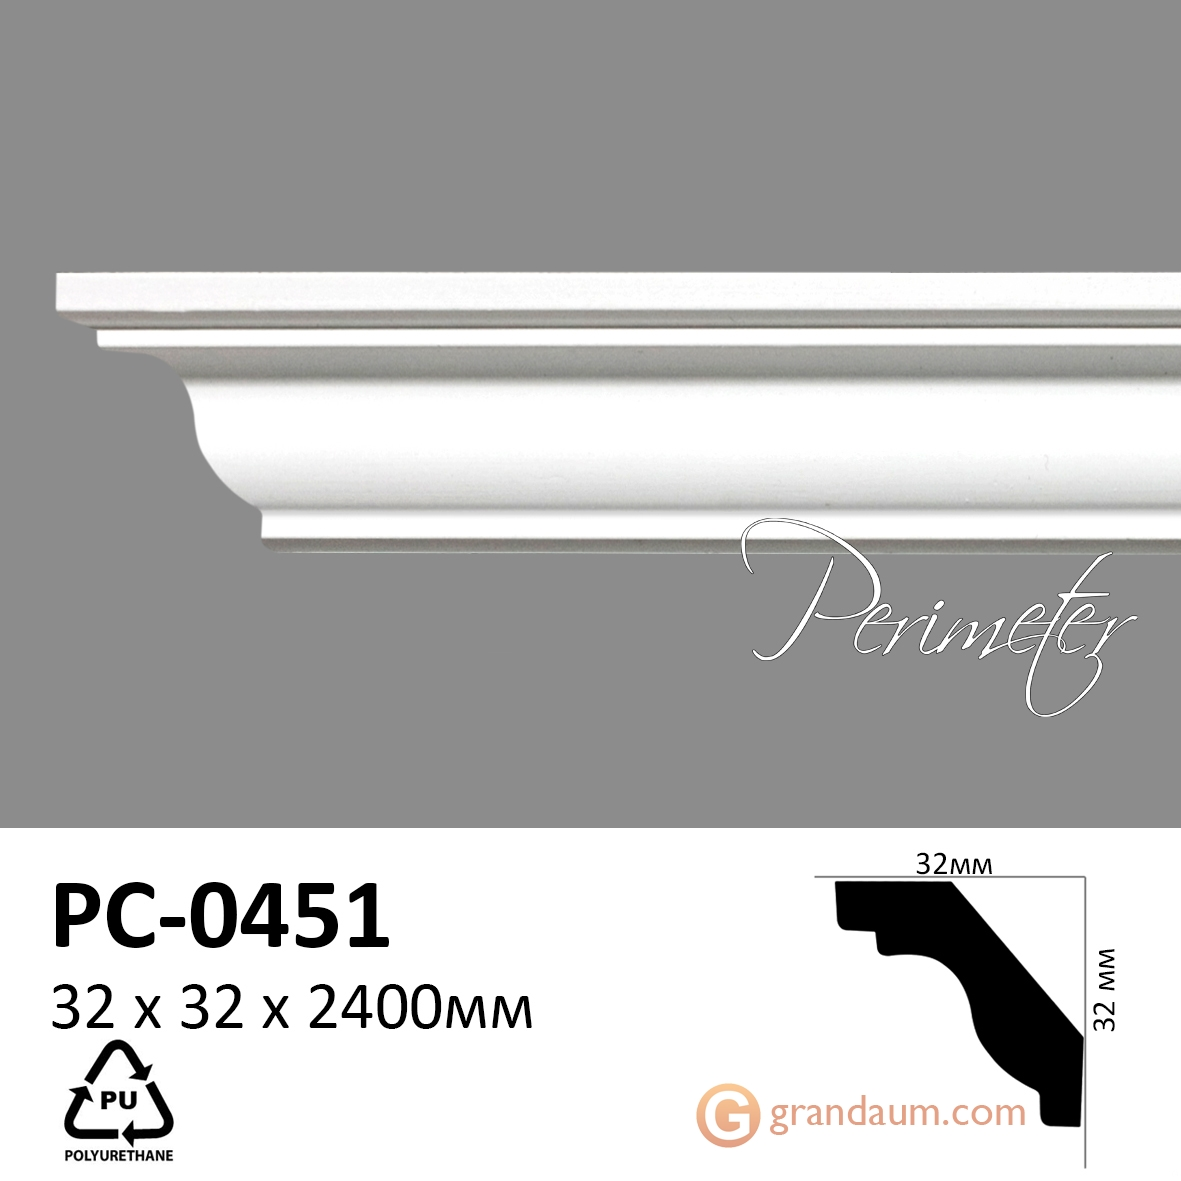 Карниз с гладким профилем Perimeter PC-0451